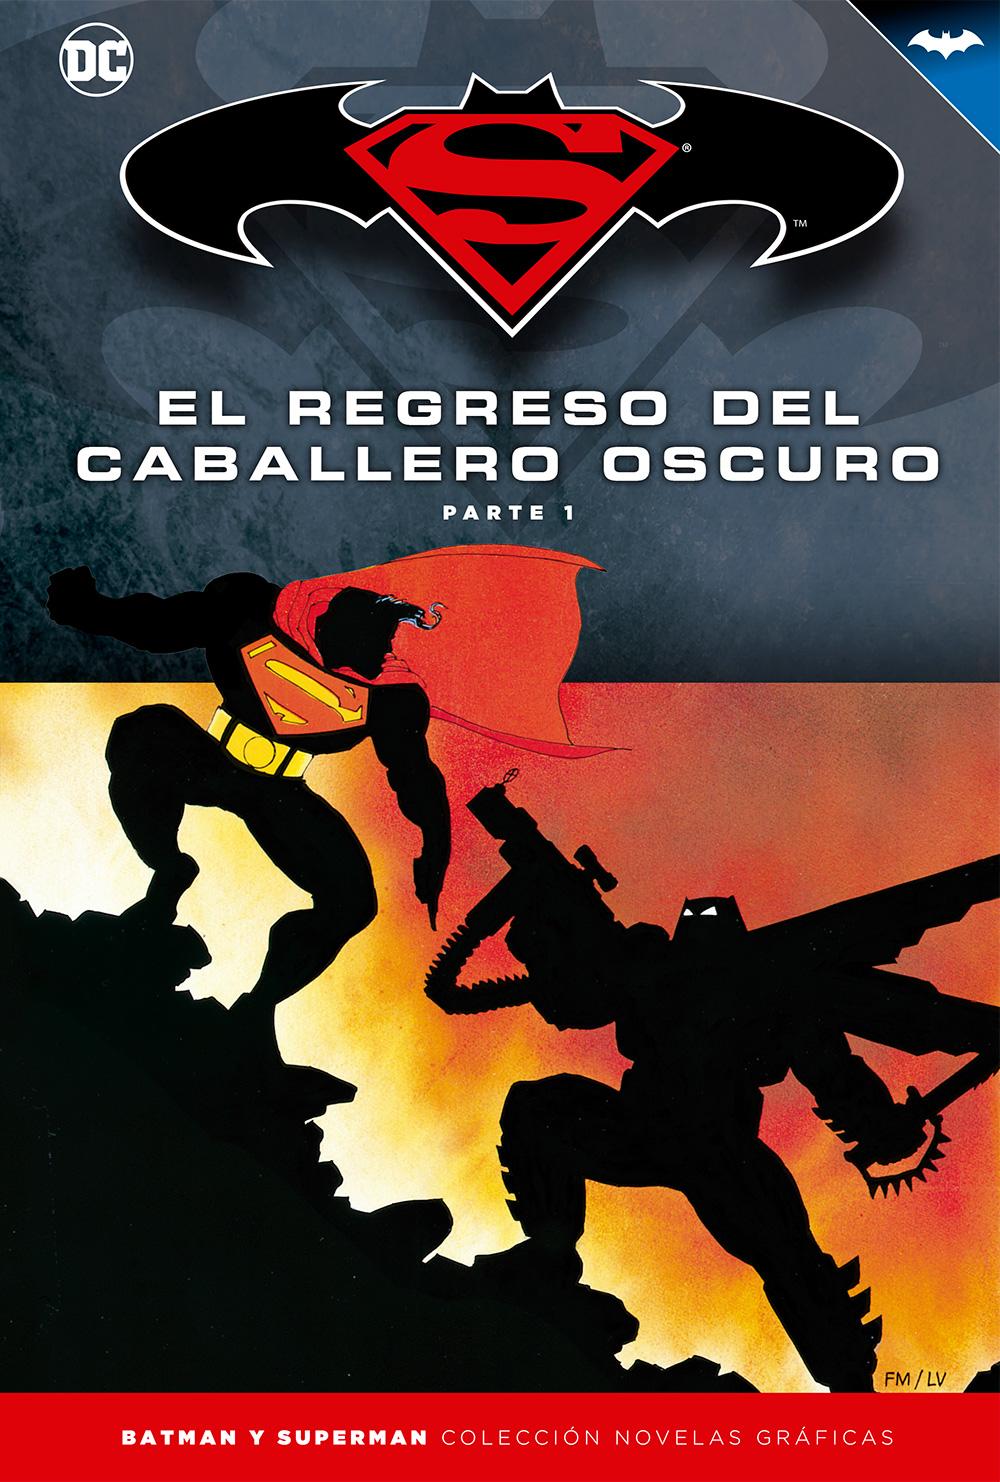 [DC - Salvat] Batman y Superman: Colección Novelas Gráficas - Página 3 Portada_BMSM_5_ERDCO_1